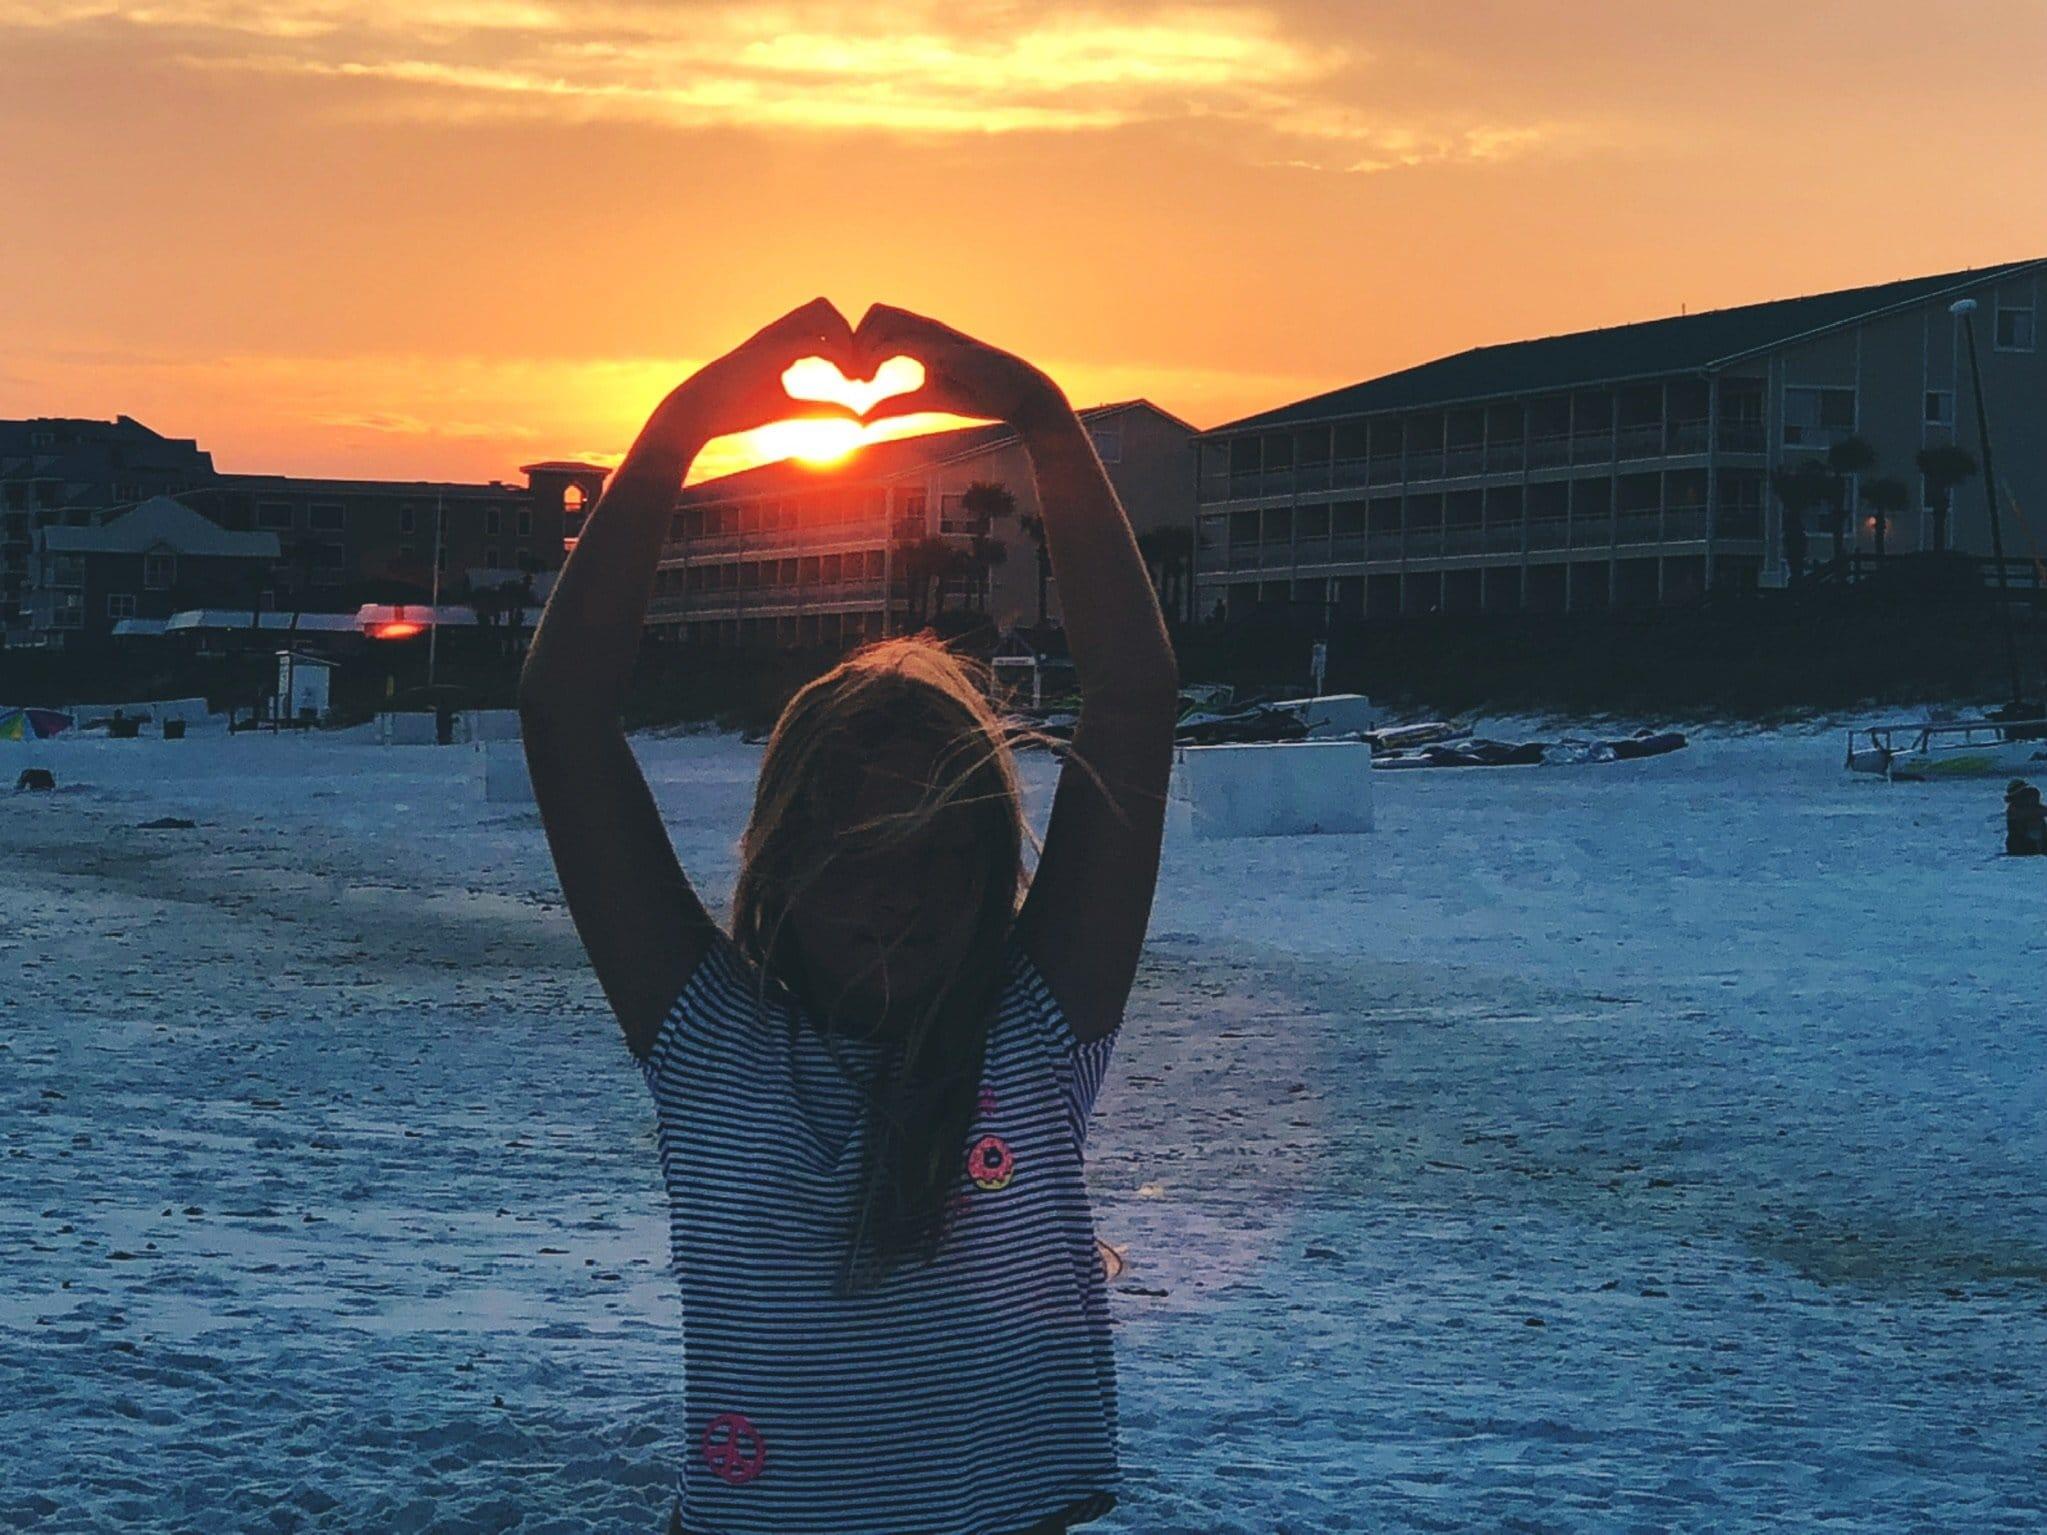 beach sun heart